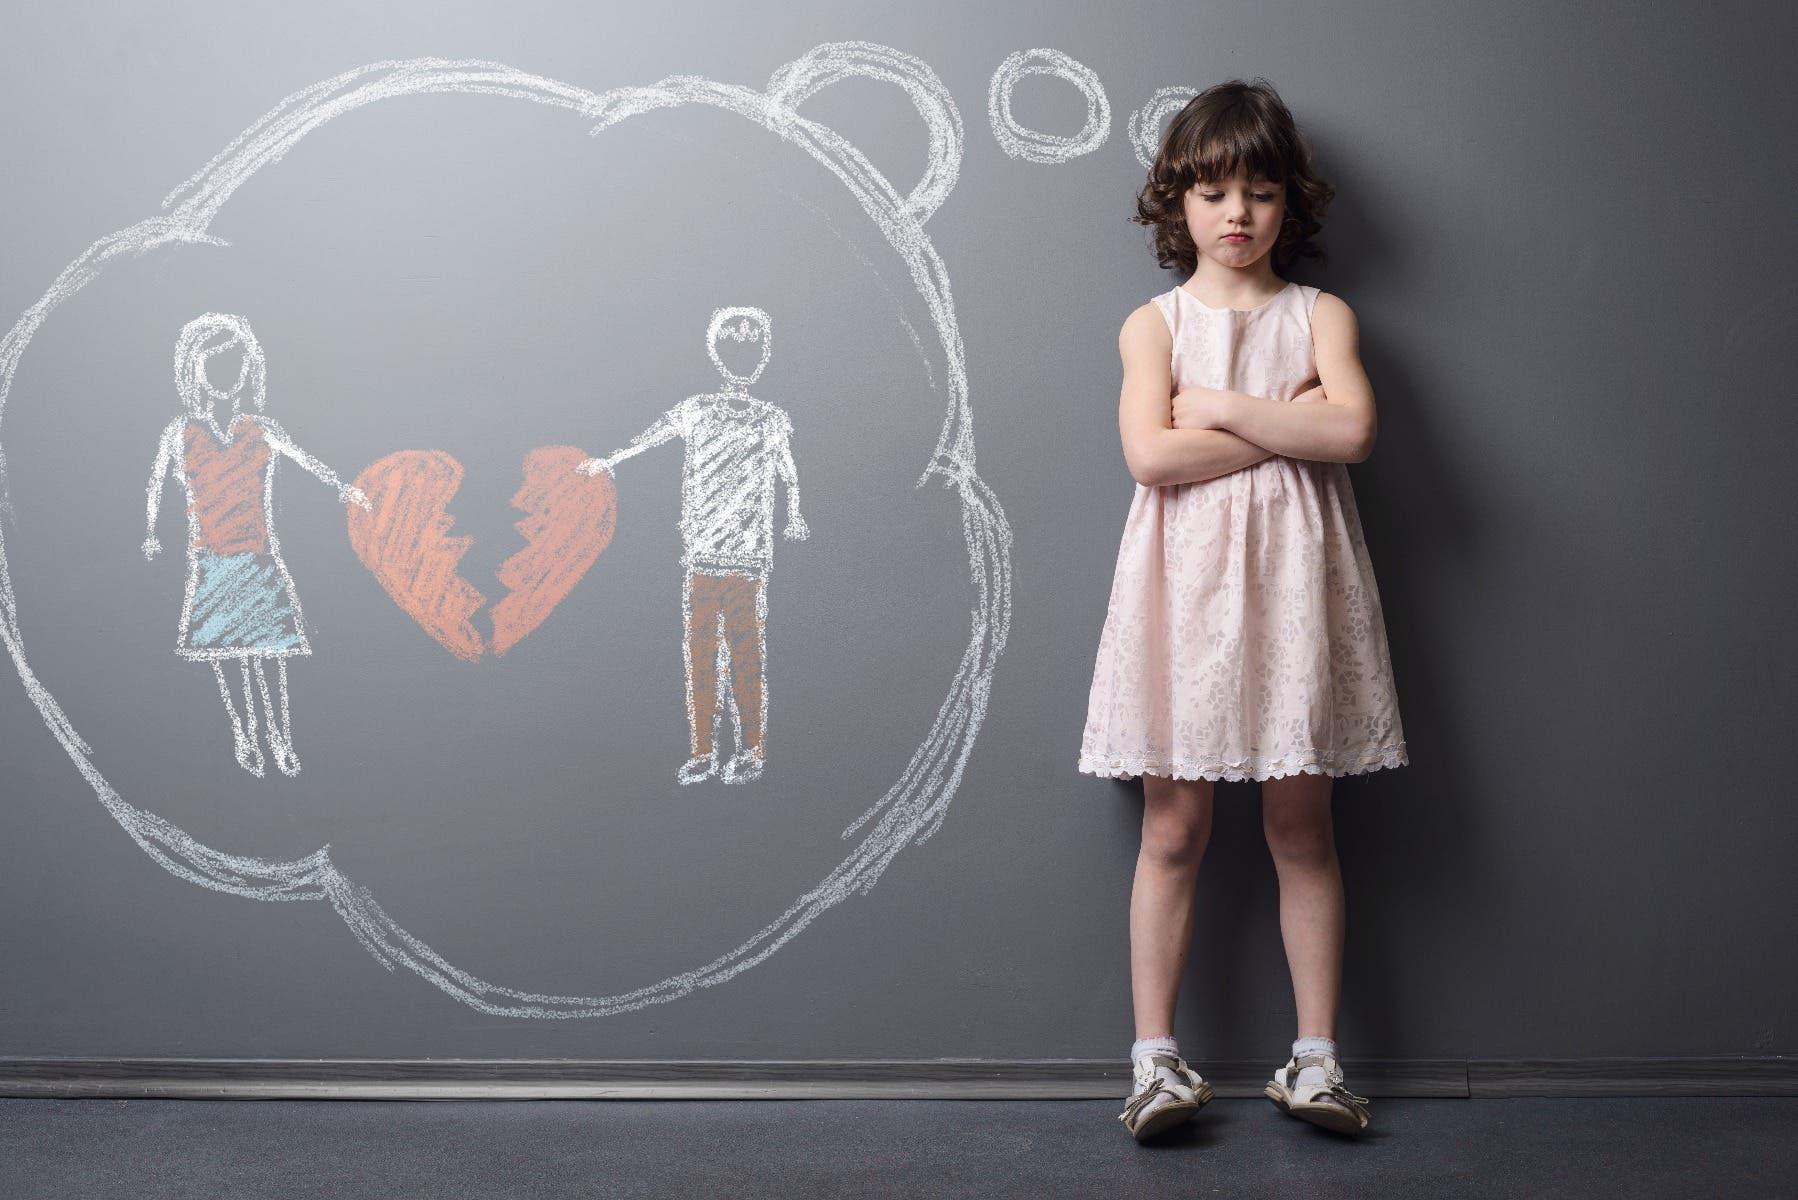 كيف نربي أطفالنا بعد الطلاق